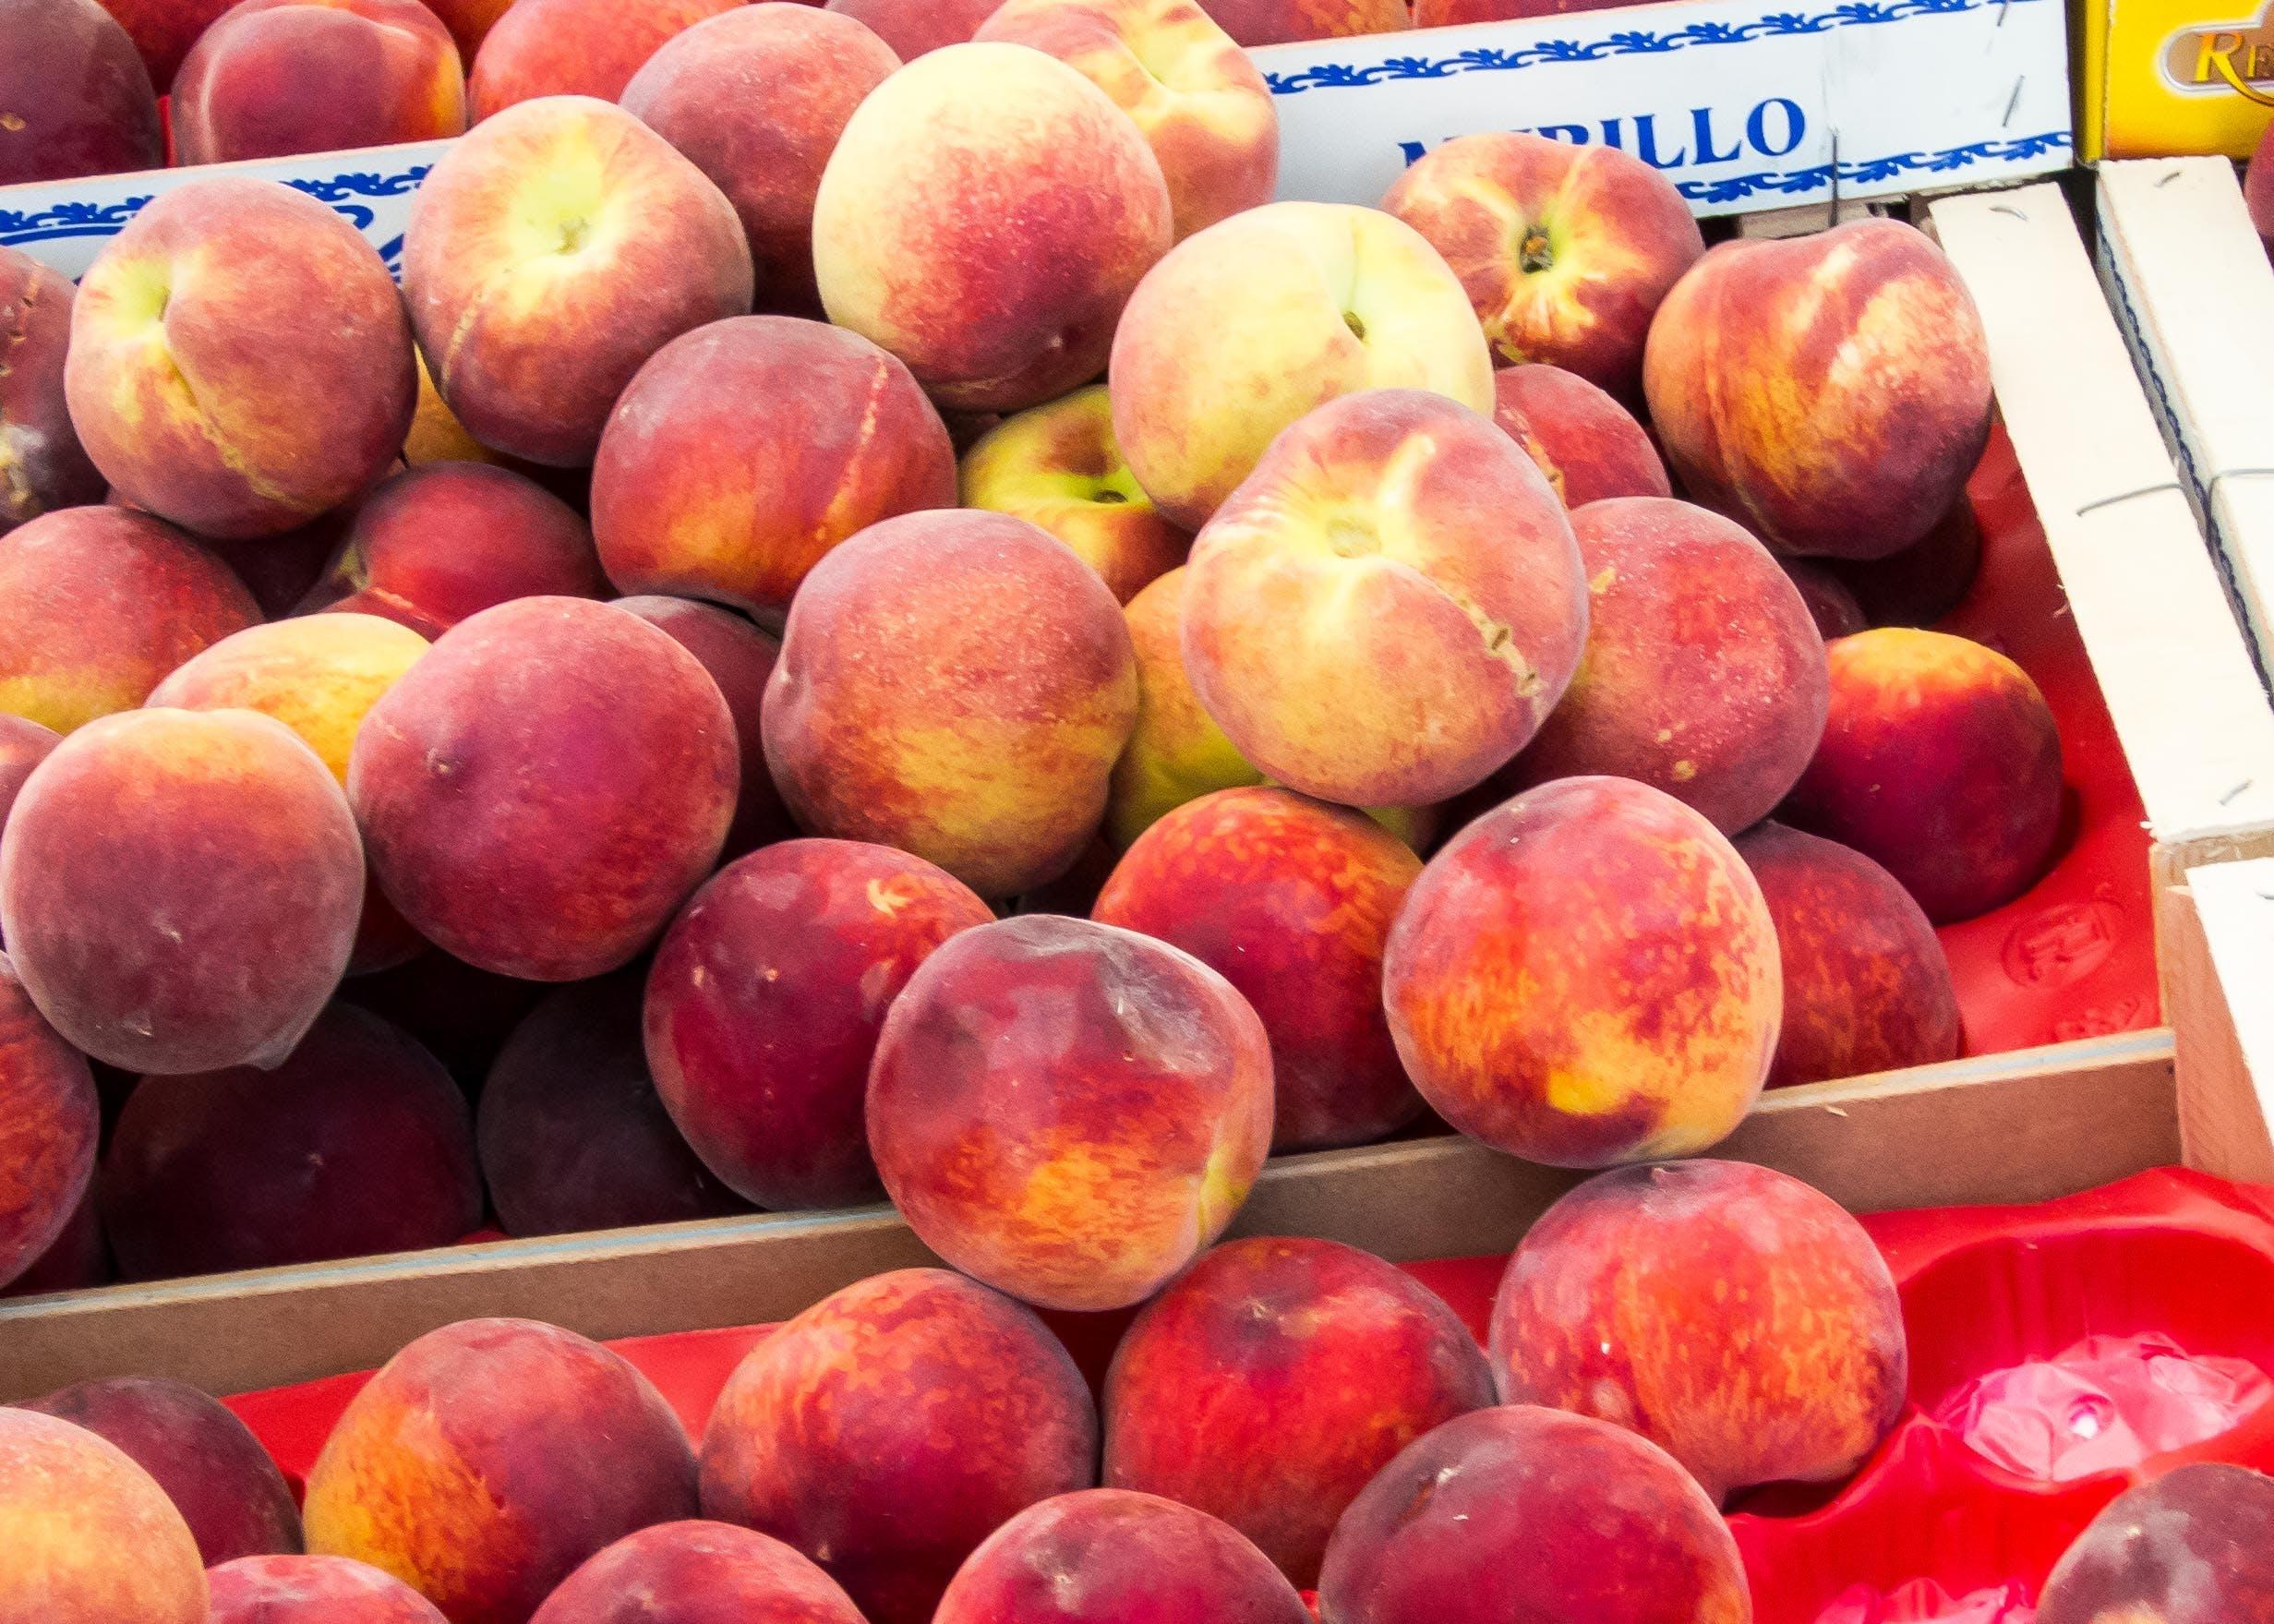 Free stock photo of peaches